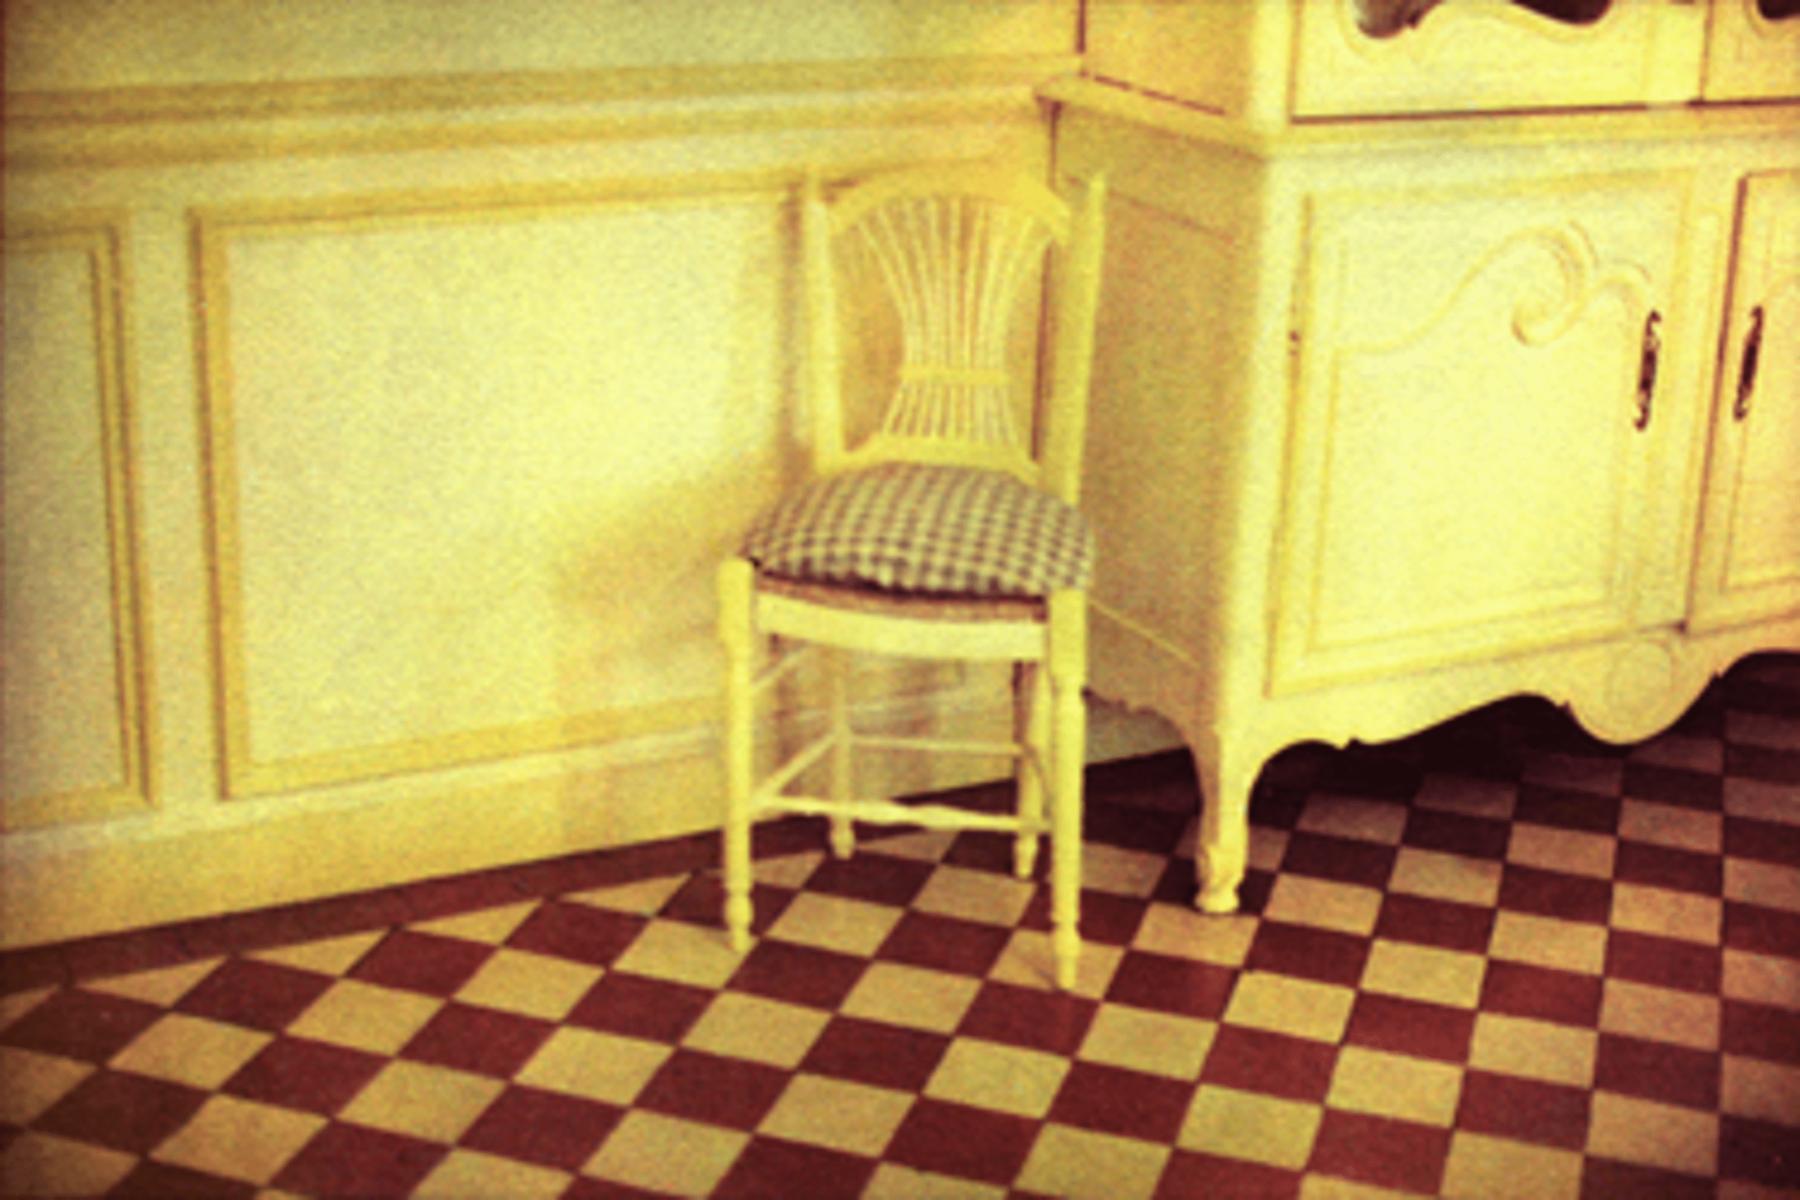 Bernard Plossu, Salle à manger de la maison de Claude Monet, Giverny